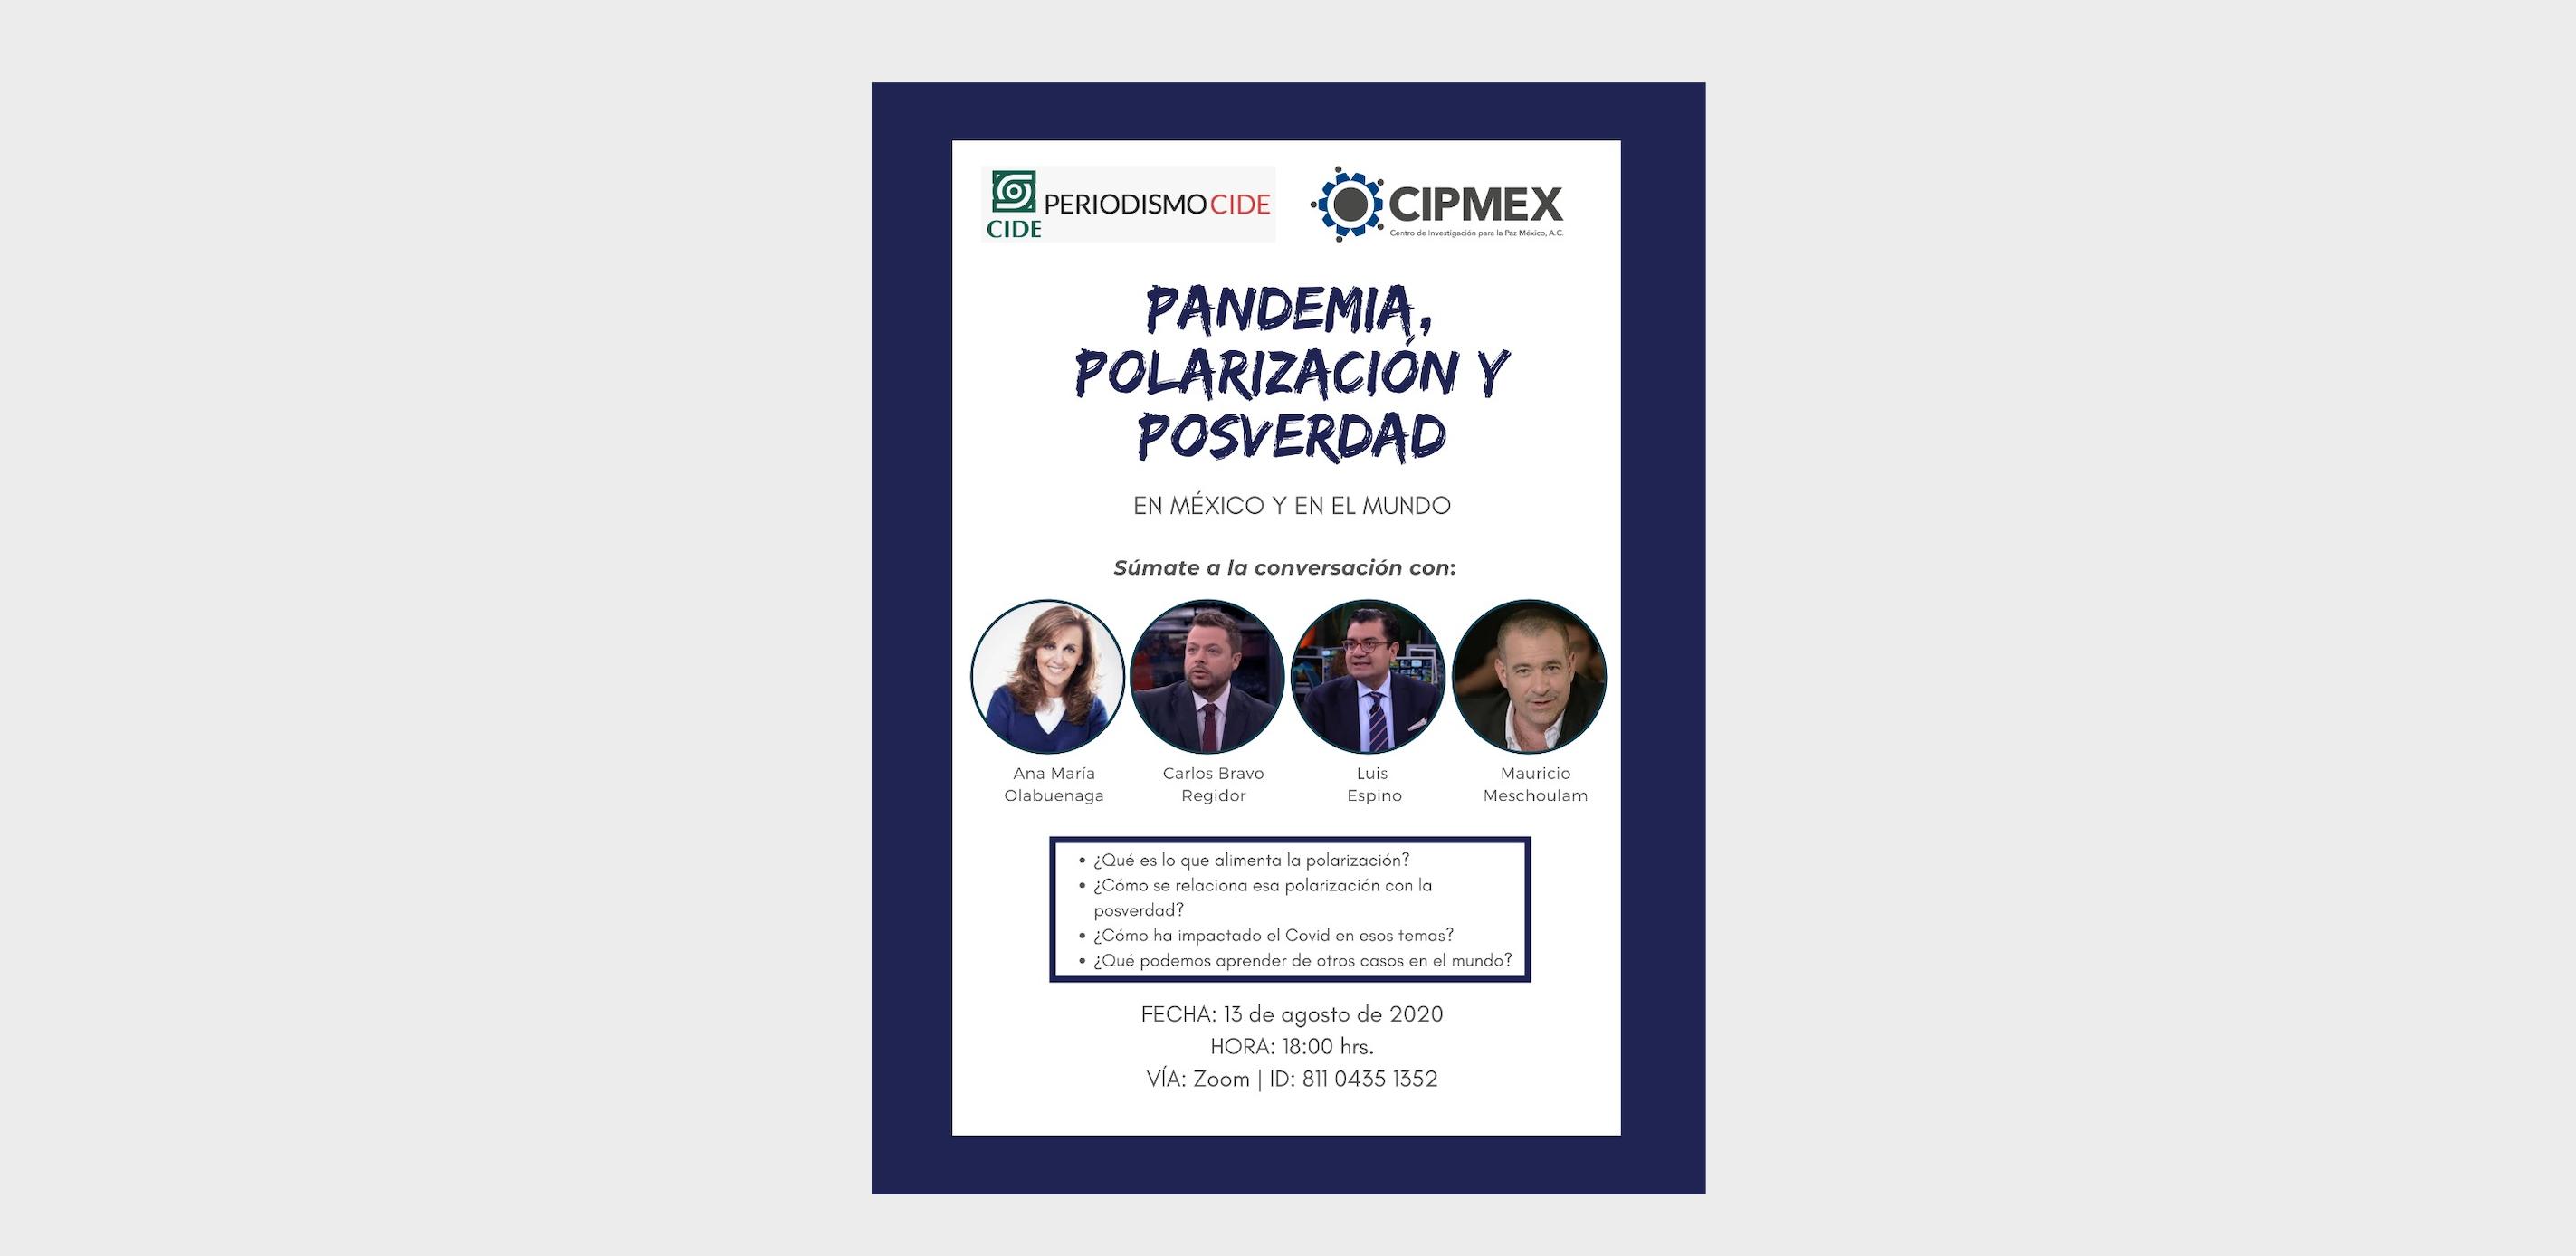 CIPMEX participó en la plática de Pandemia, Polarización y Posverdad en México y en el Mundo, junto con CIDE periodismo